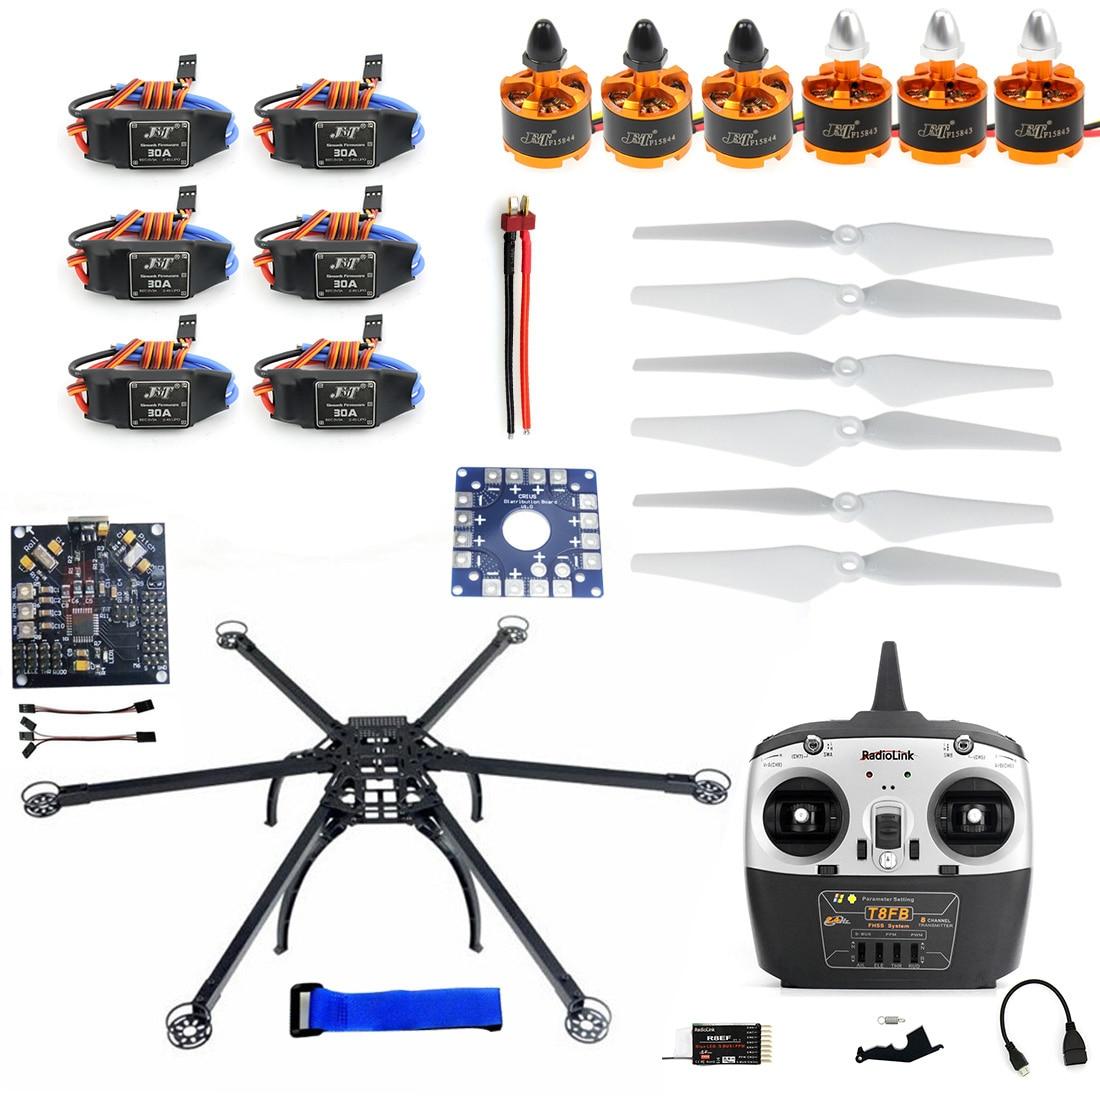 Kit de châssis d'avion multi-rotor bricolage Hexacopter Radiolink T8FB TX & RX ESC moteur KK V2.3 F10513-A de circuits imprimés